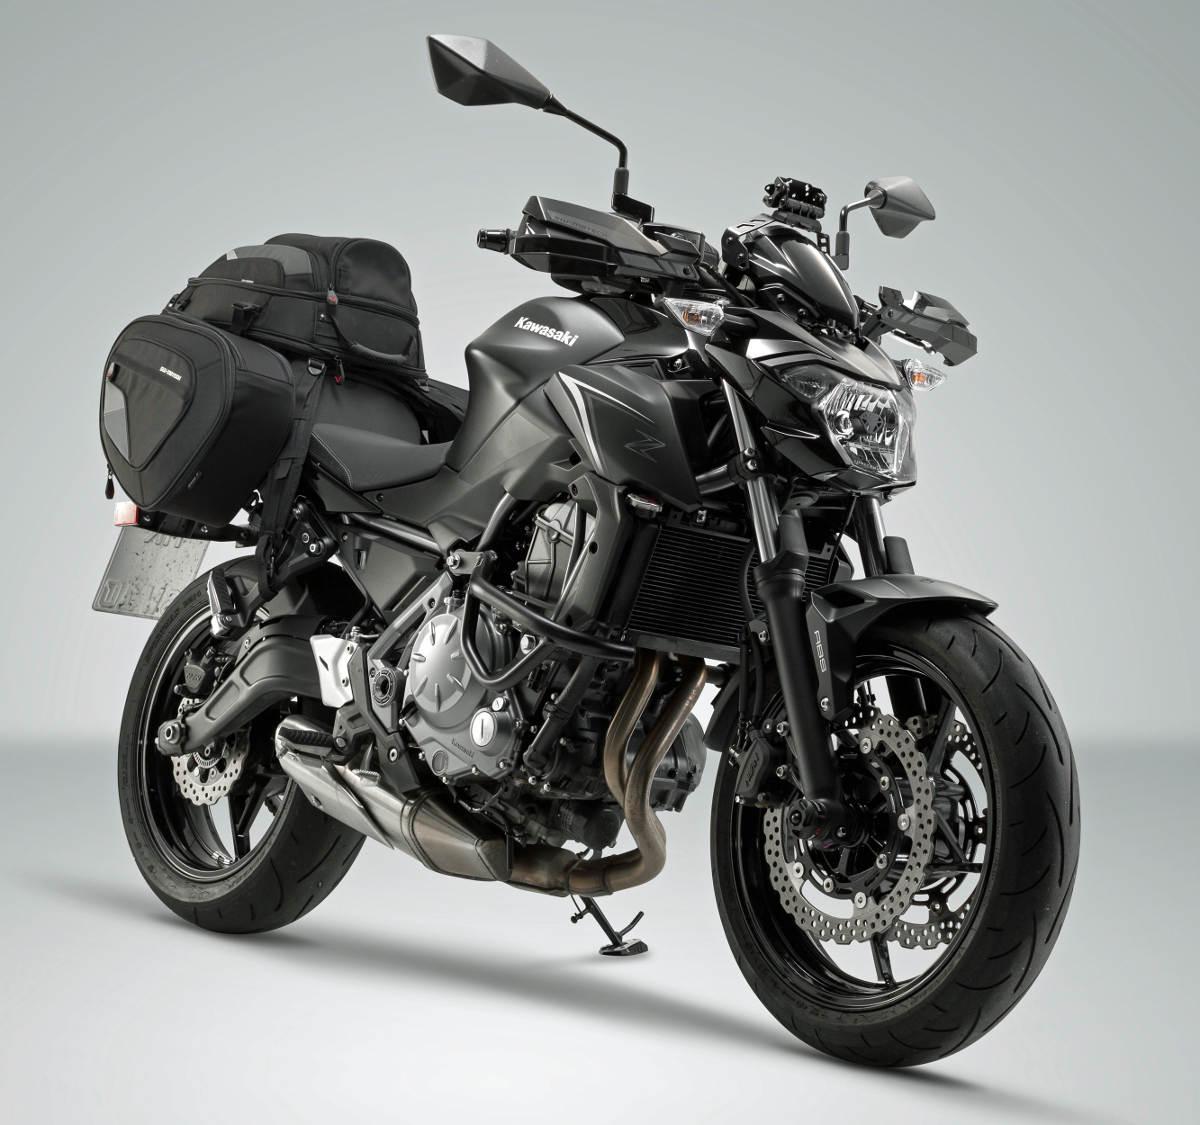 SW-Motech Blaze Panniers For The Kawasaki Z650